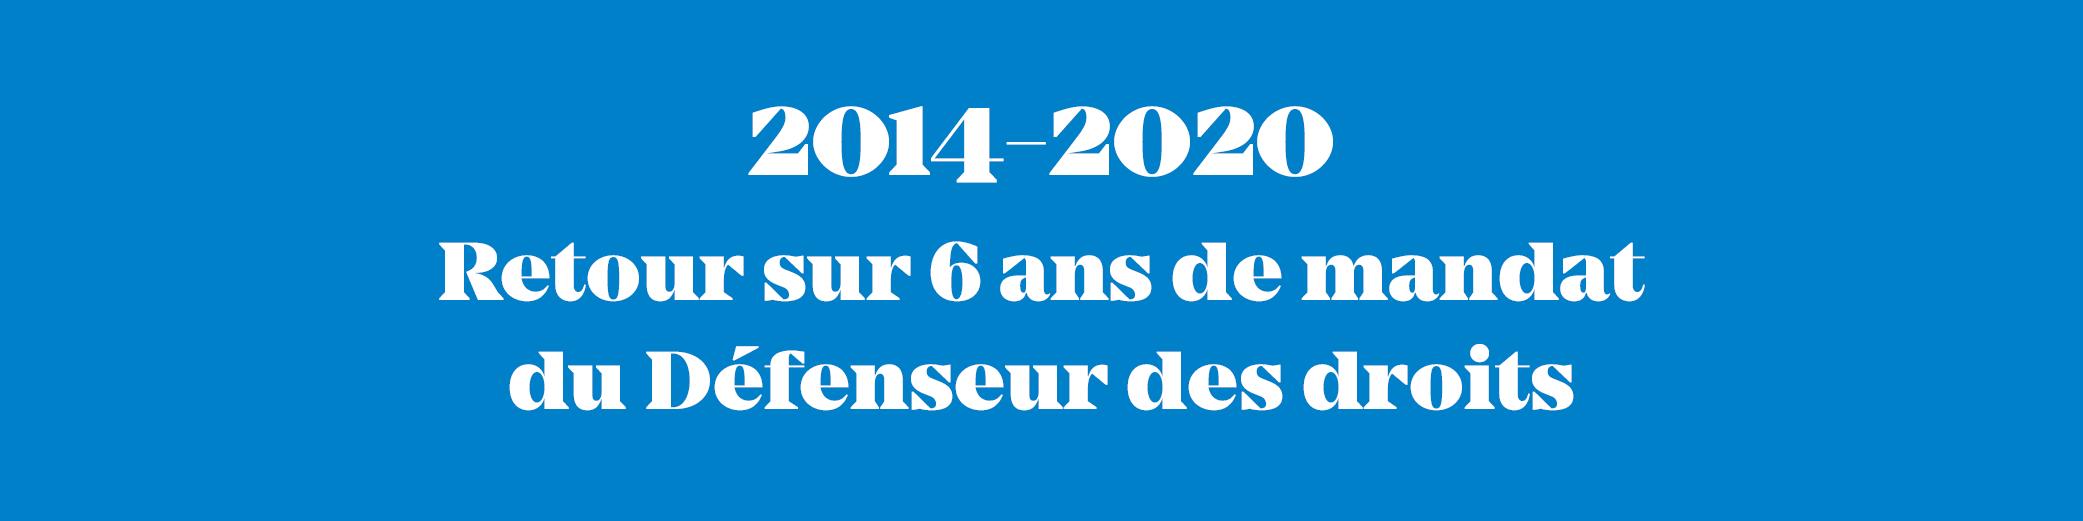 Défenseur des droits - mandat 2014-2020